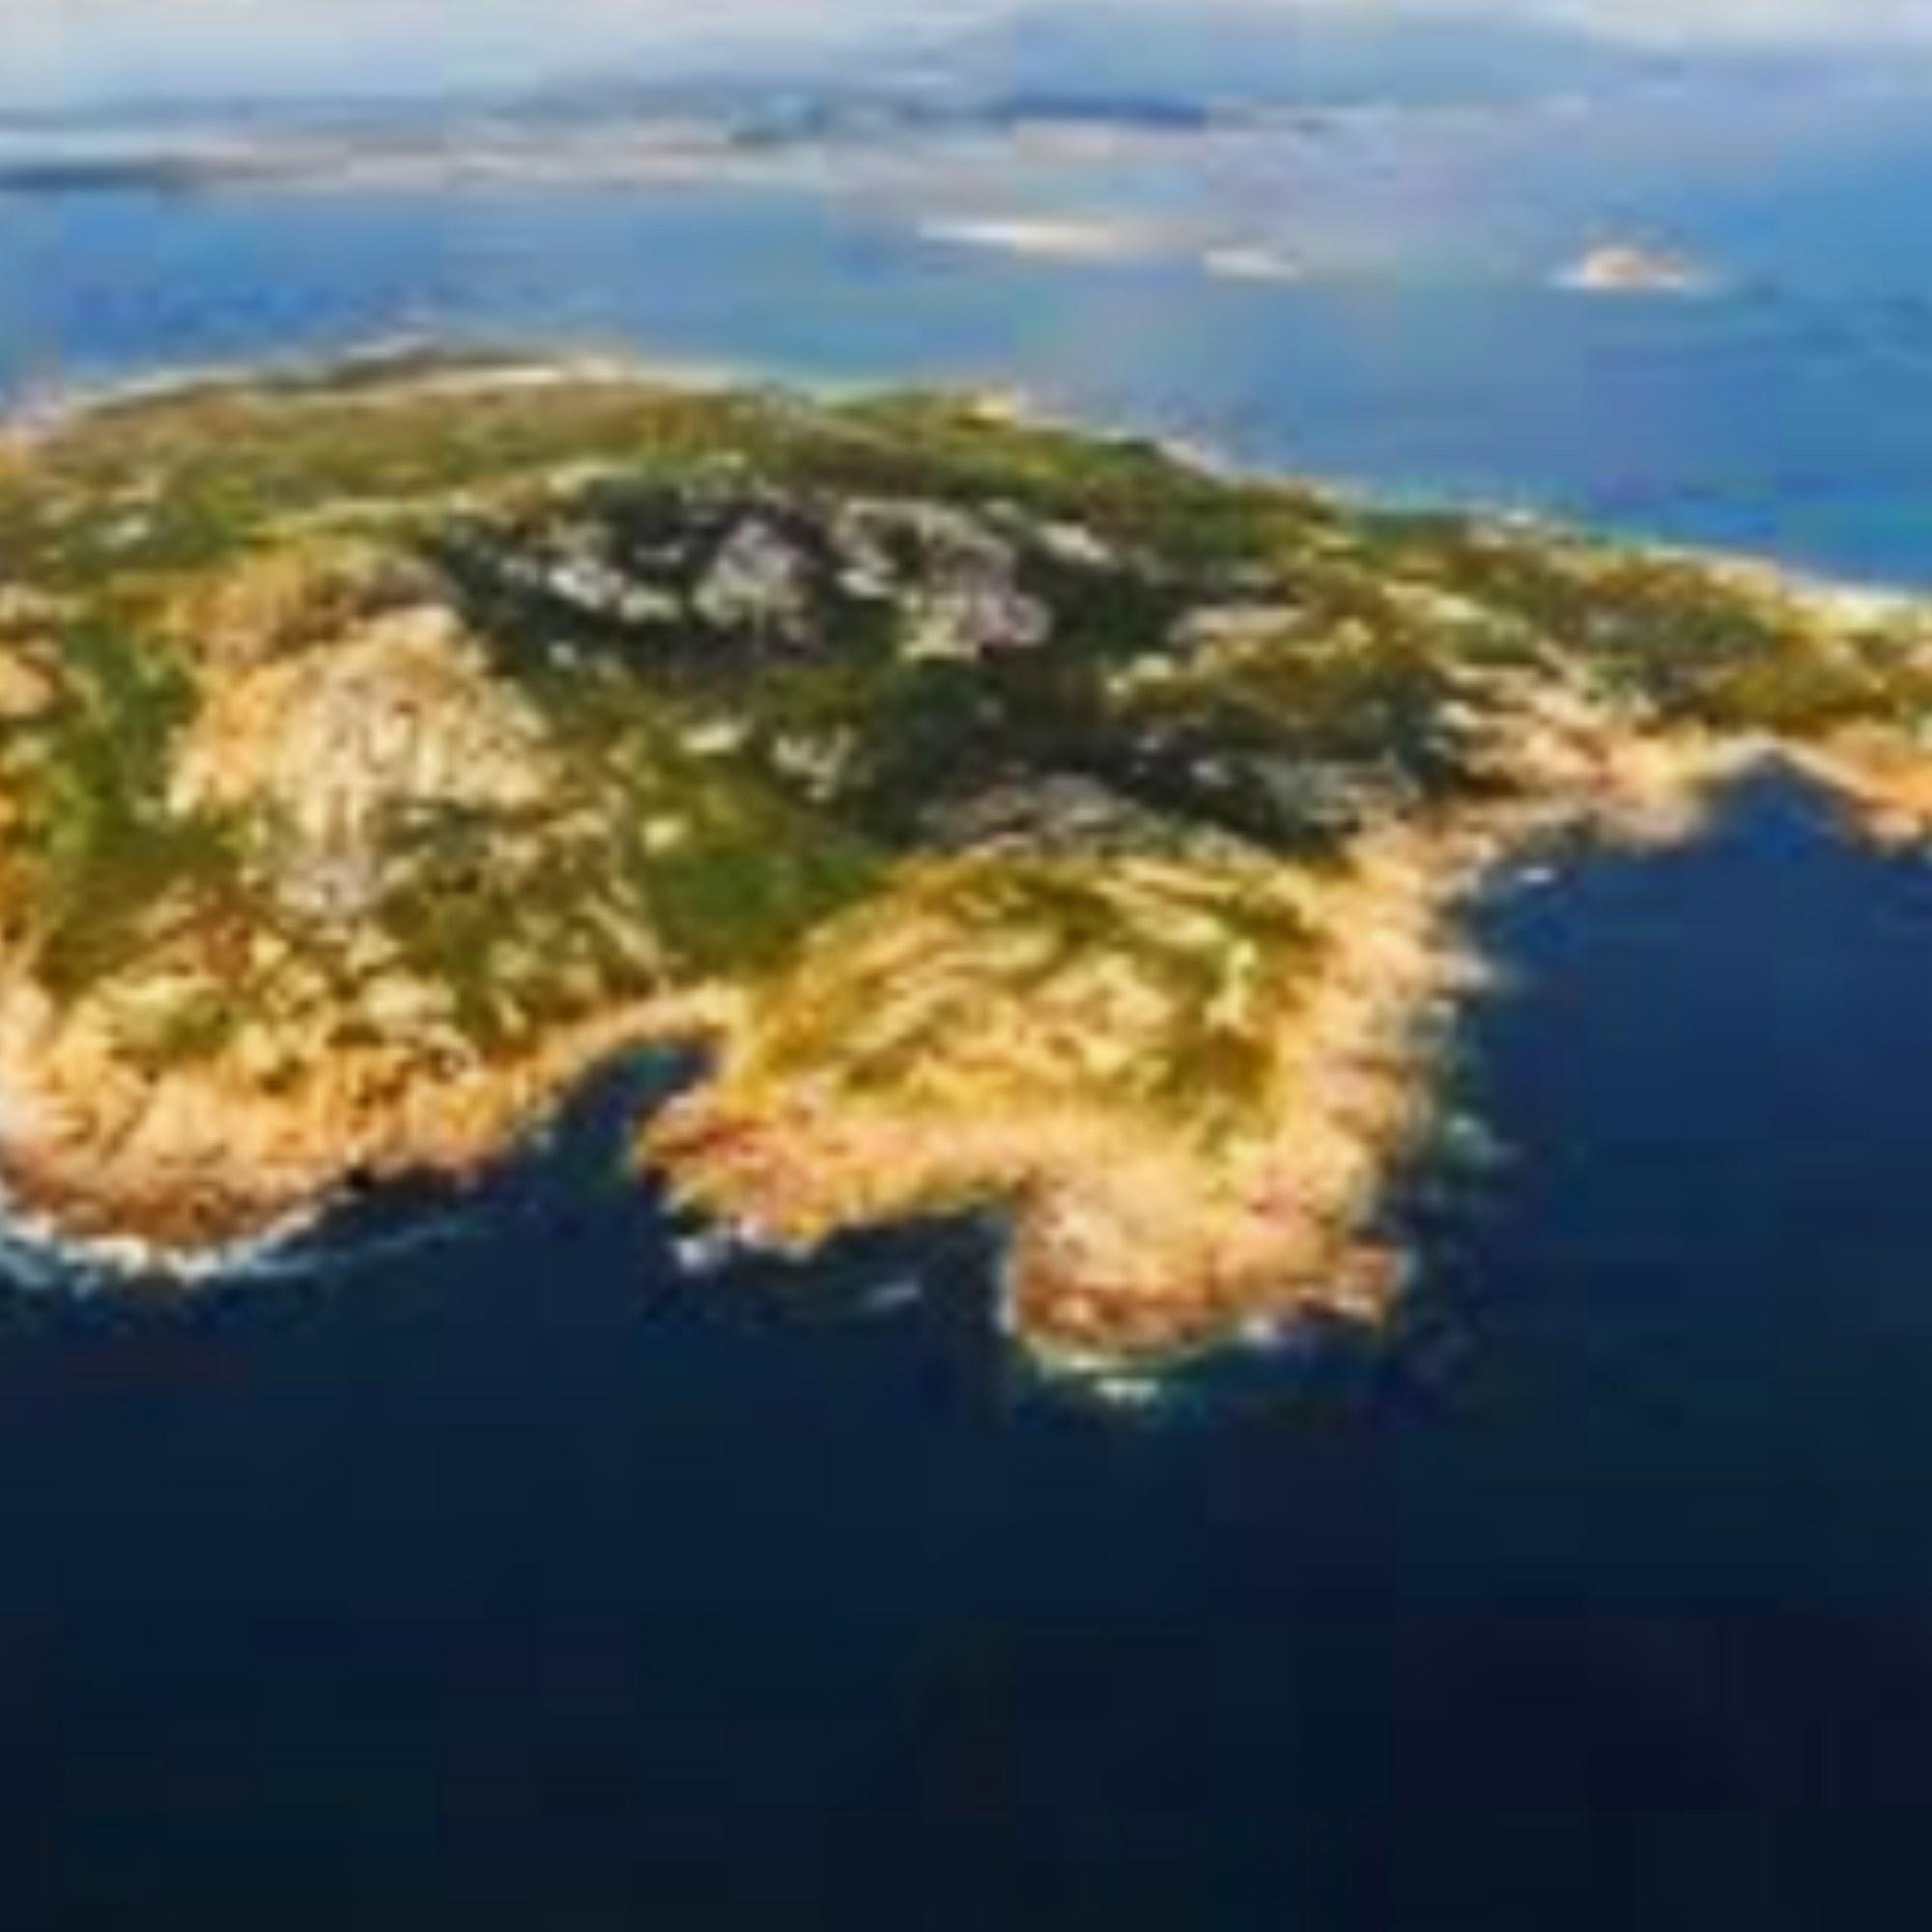 isla-salvora-atlantico